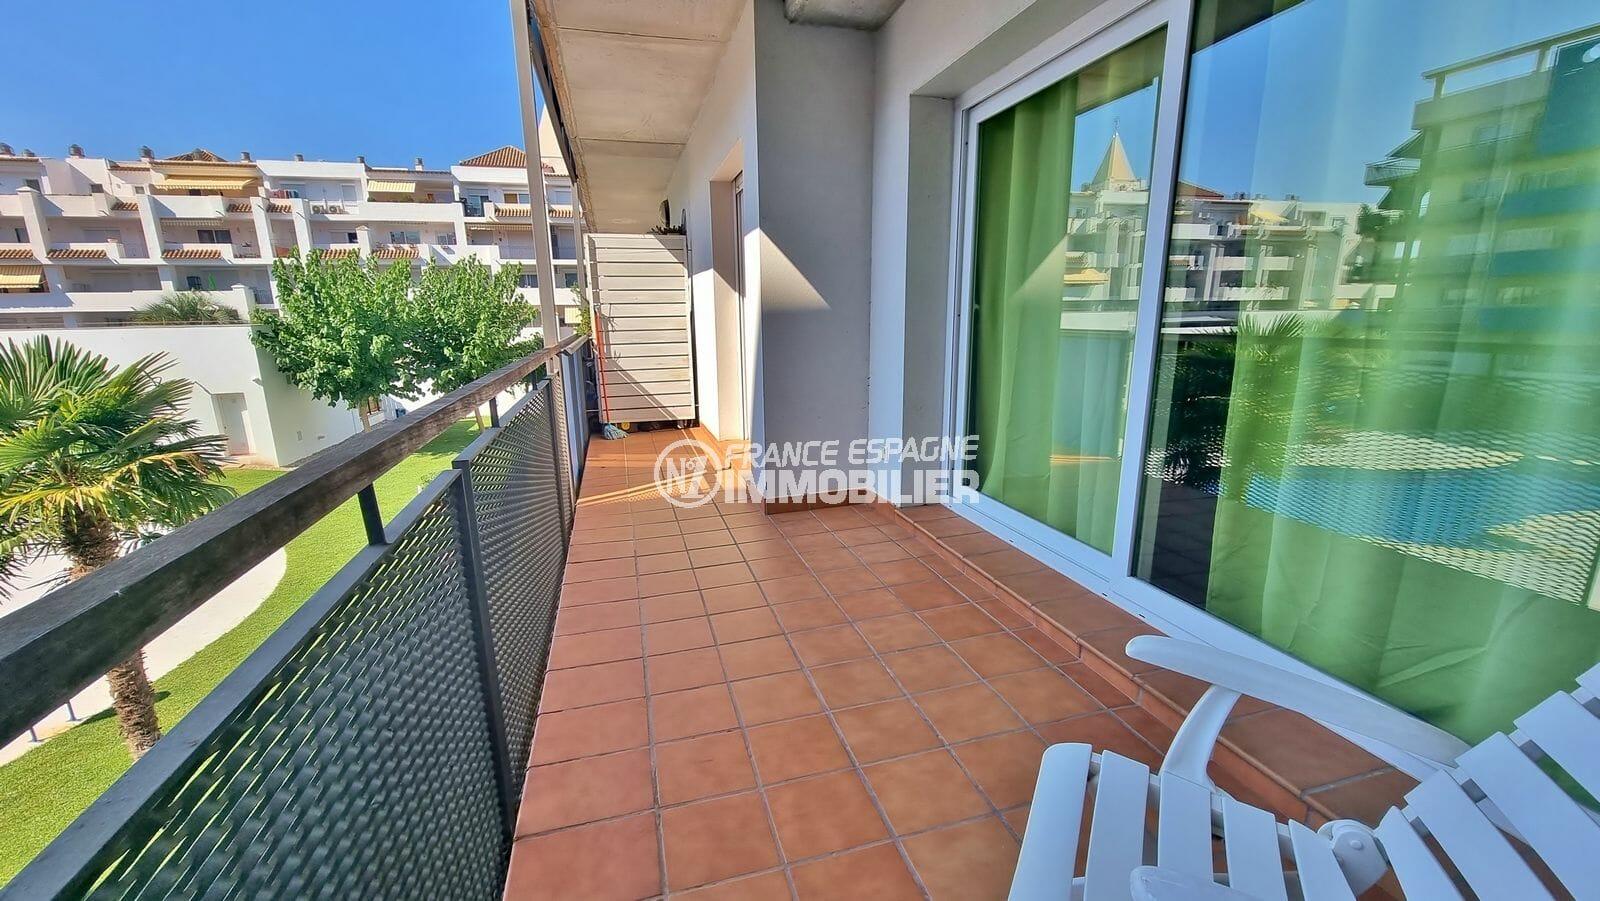 immobilier espagne pas cher: appartement 2 pièces 56 m², terrasse 9 m² avec piscine communautaire, proche plage et commerces